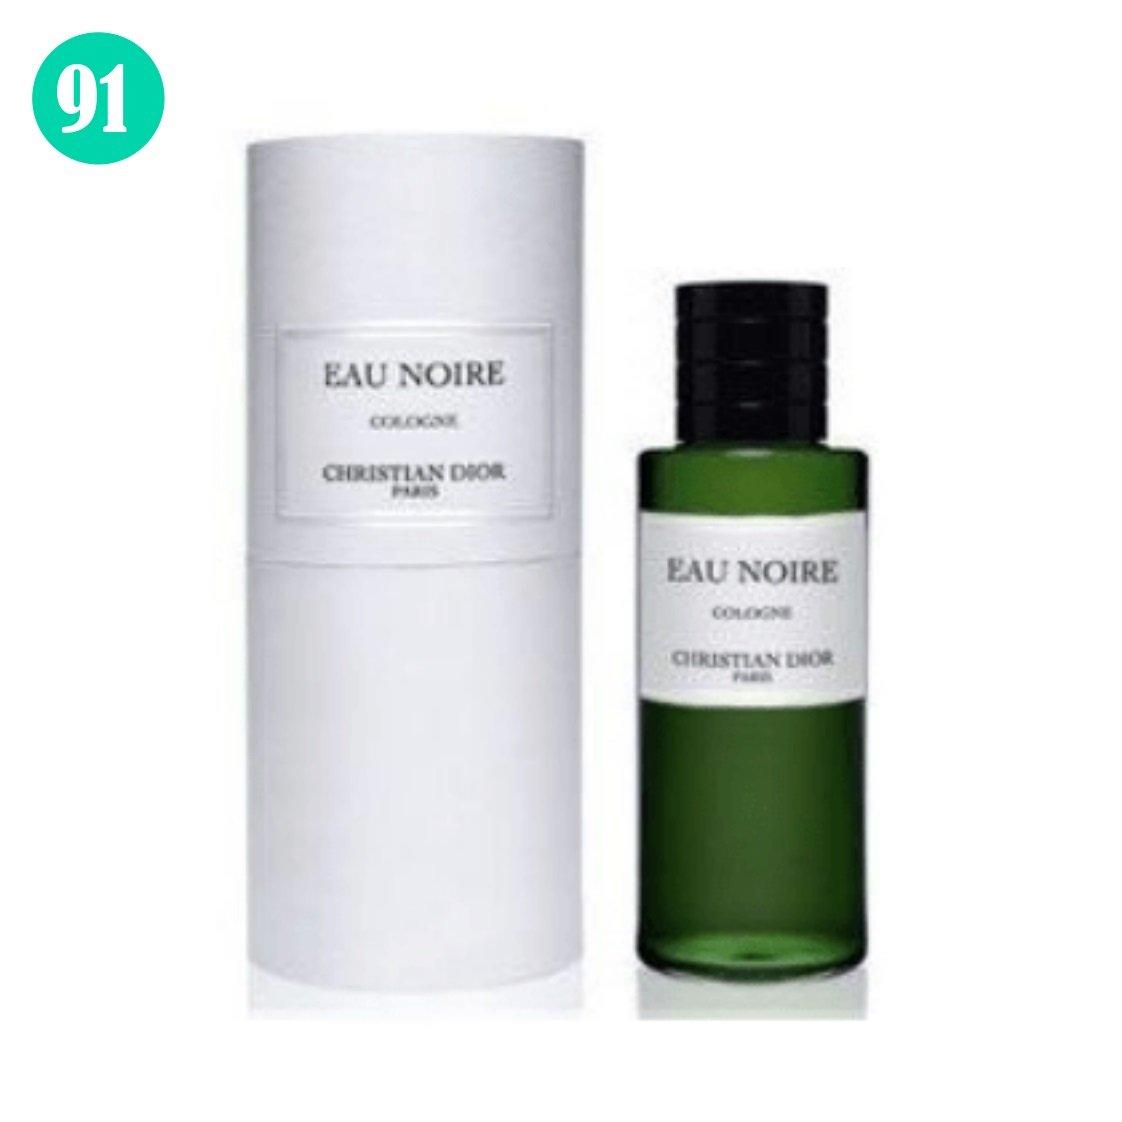 EAU NOIRE - Christian Dior unisex